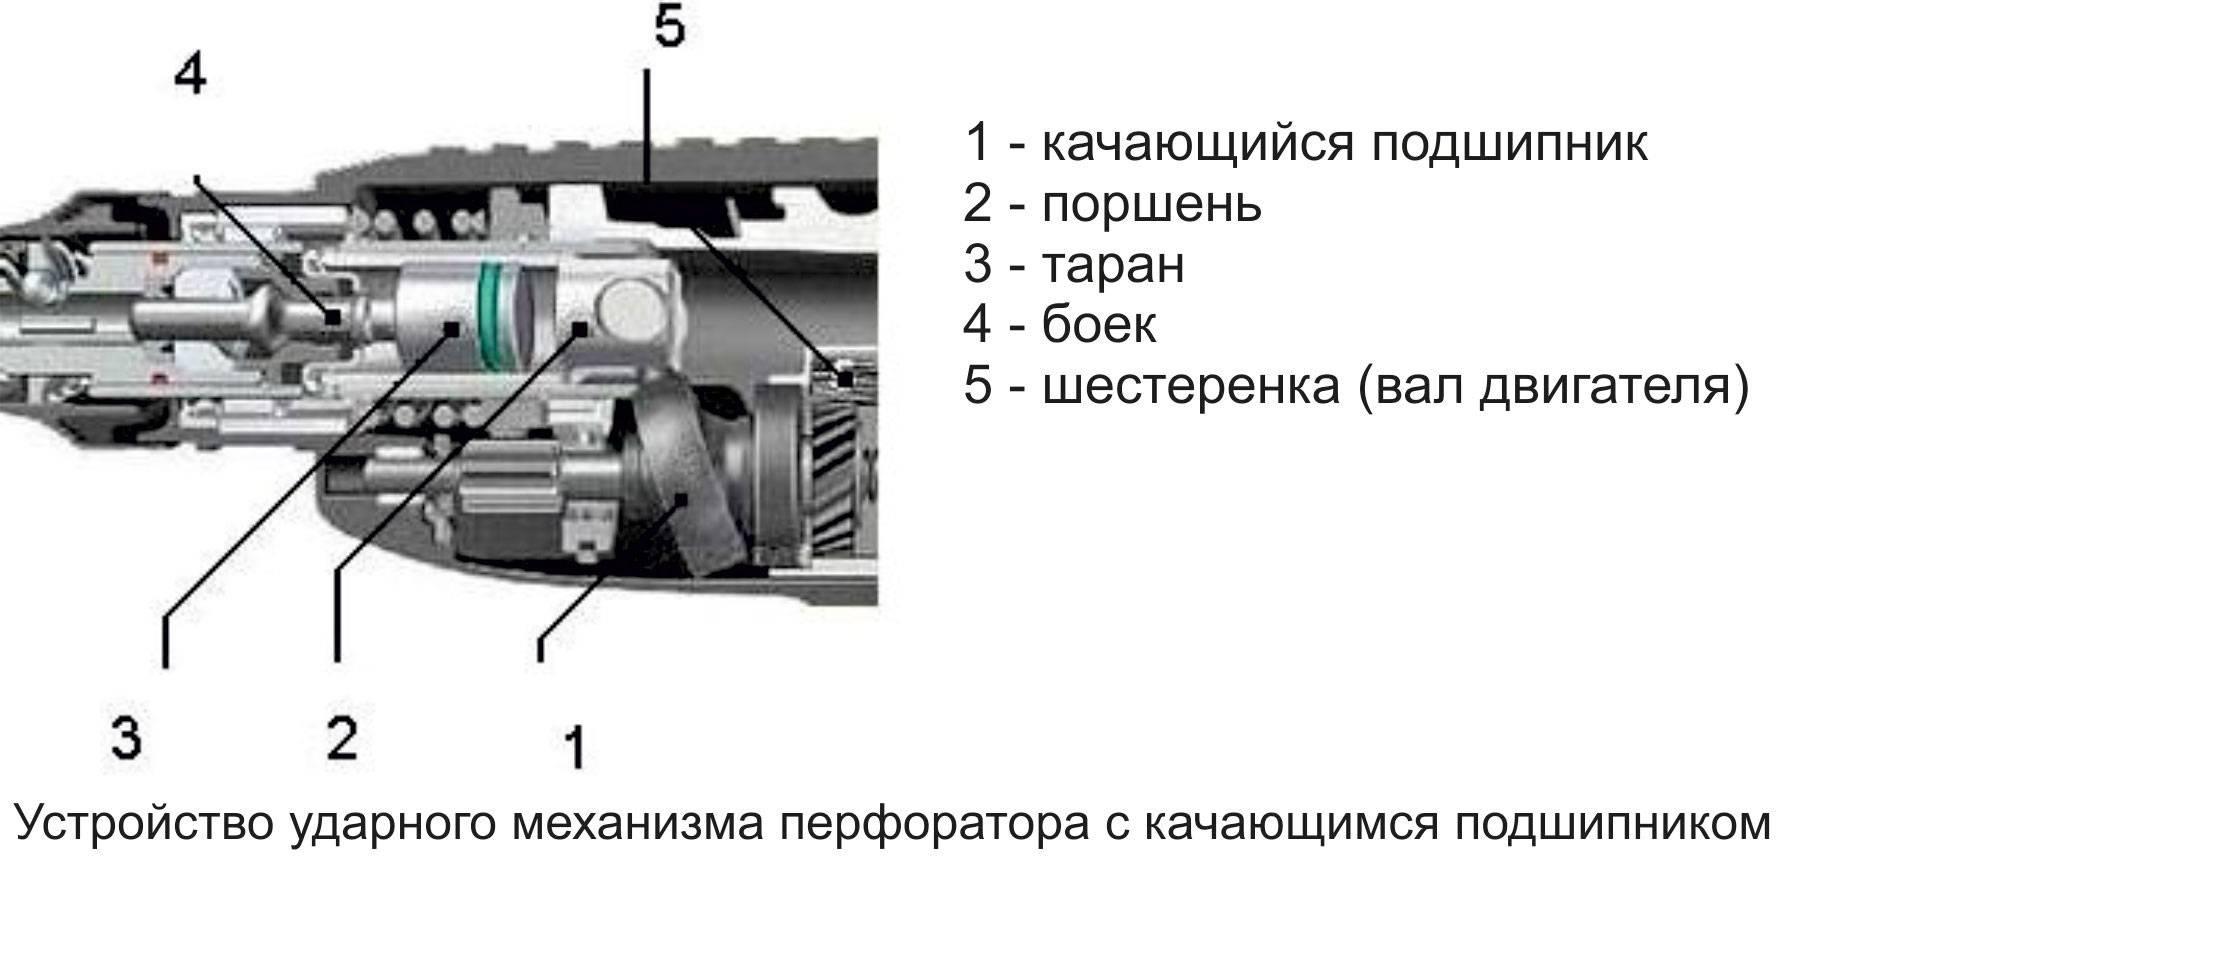 Принцип работы перфоратора пистолетного типа с фотоописанием